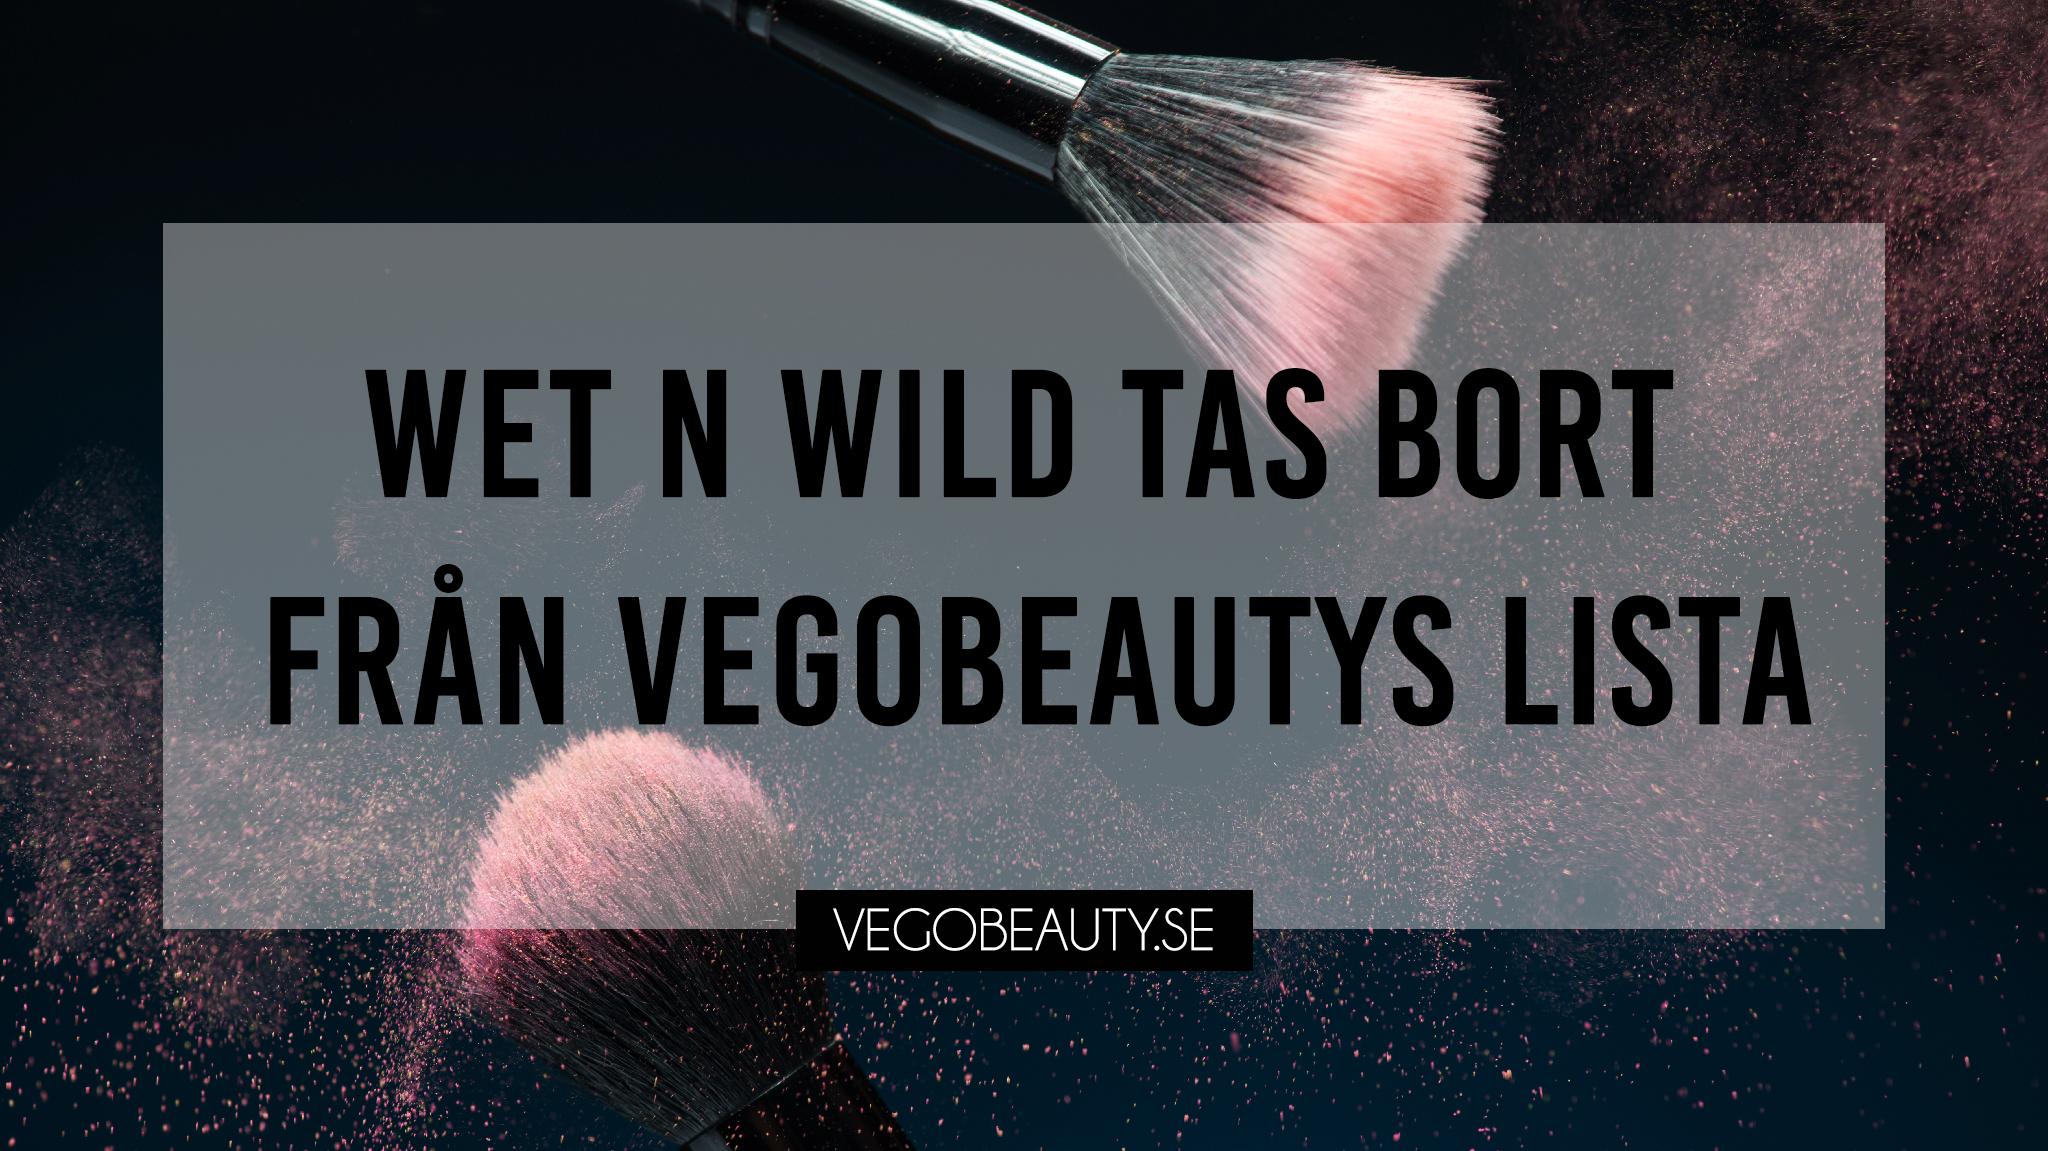 Wet n wild tas bort från vegobeautys lista